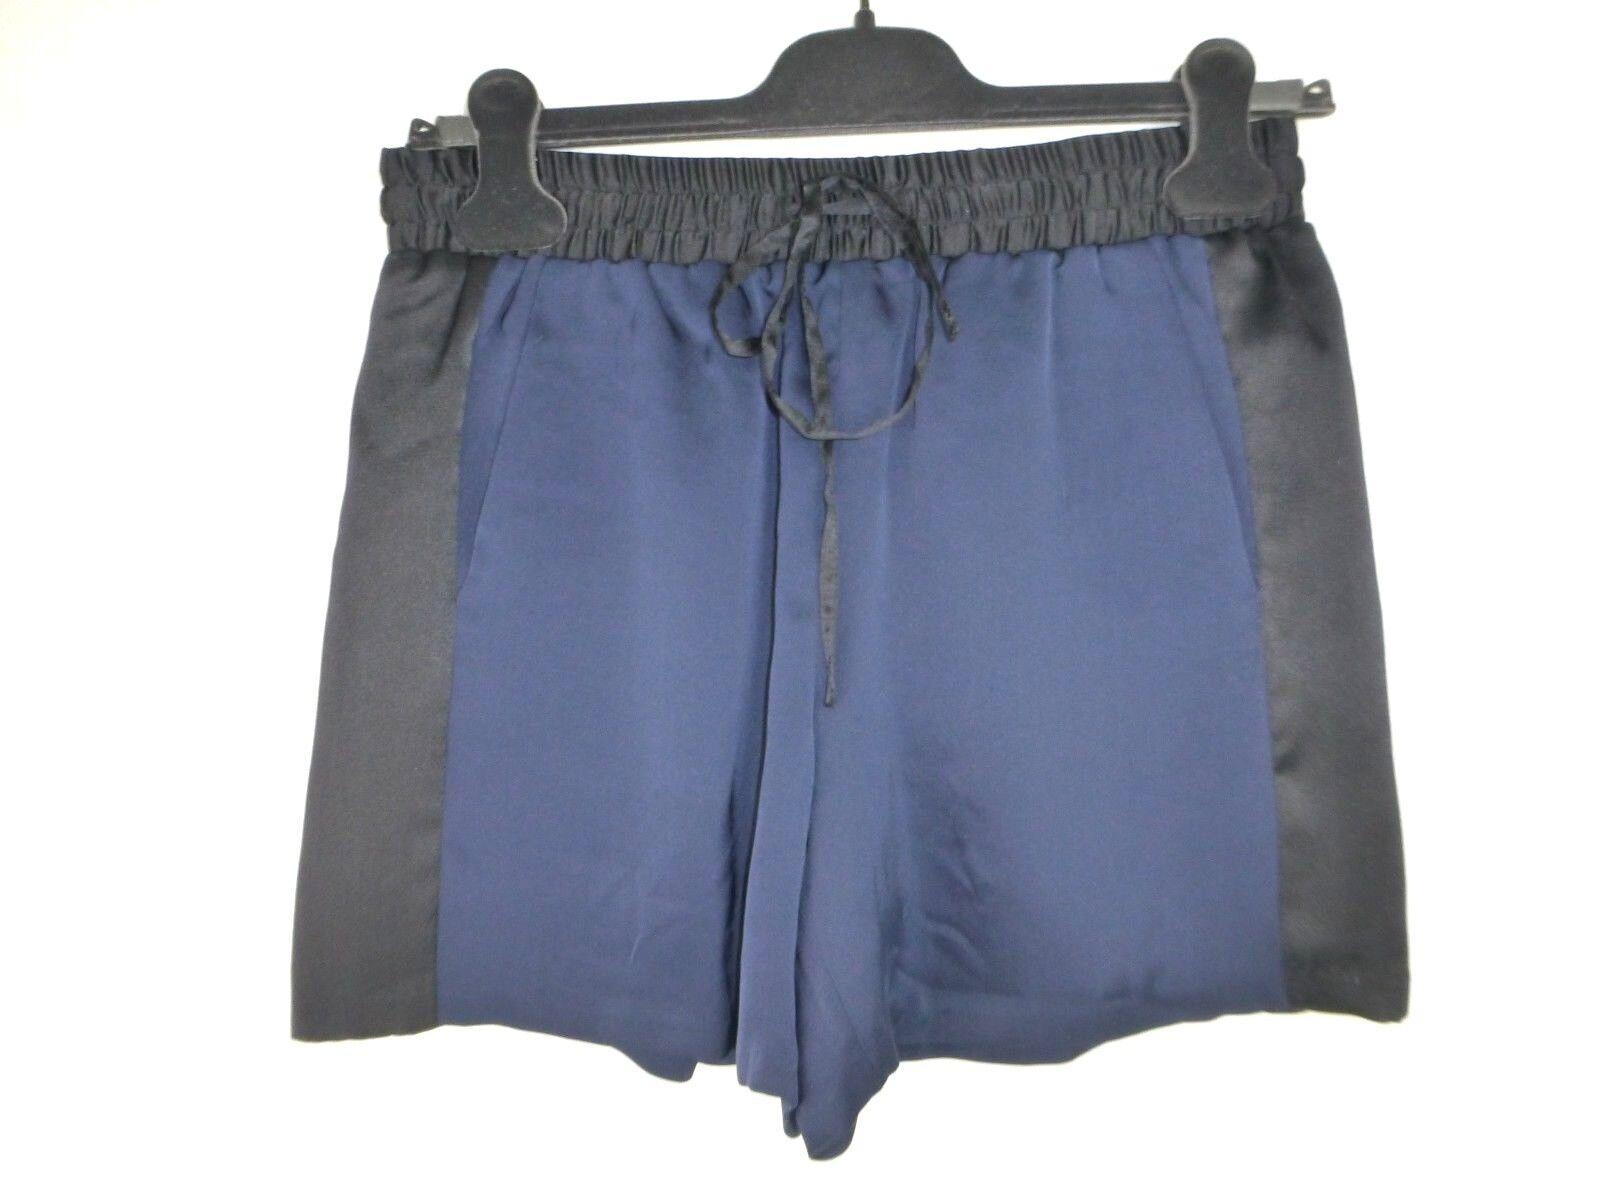 Iheart Damen Shorts Kurze Hose Hosenrock Gila 34 Schwarz Blau Seide Np 149 Neu